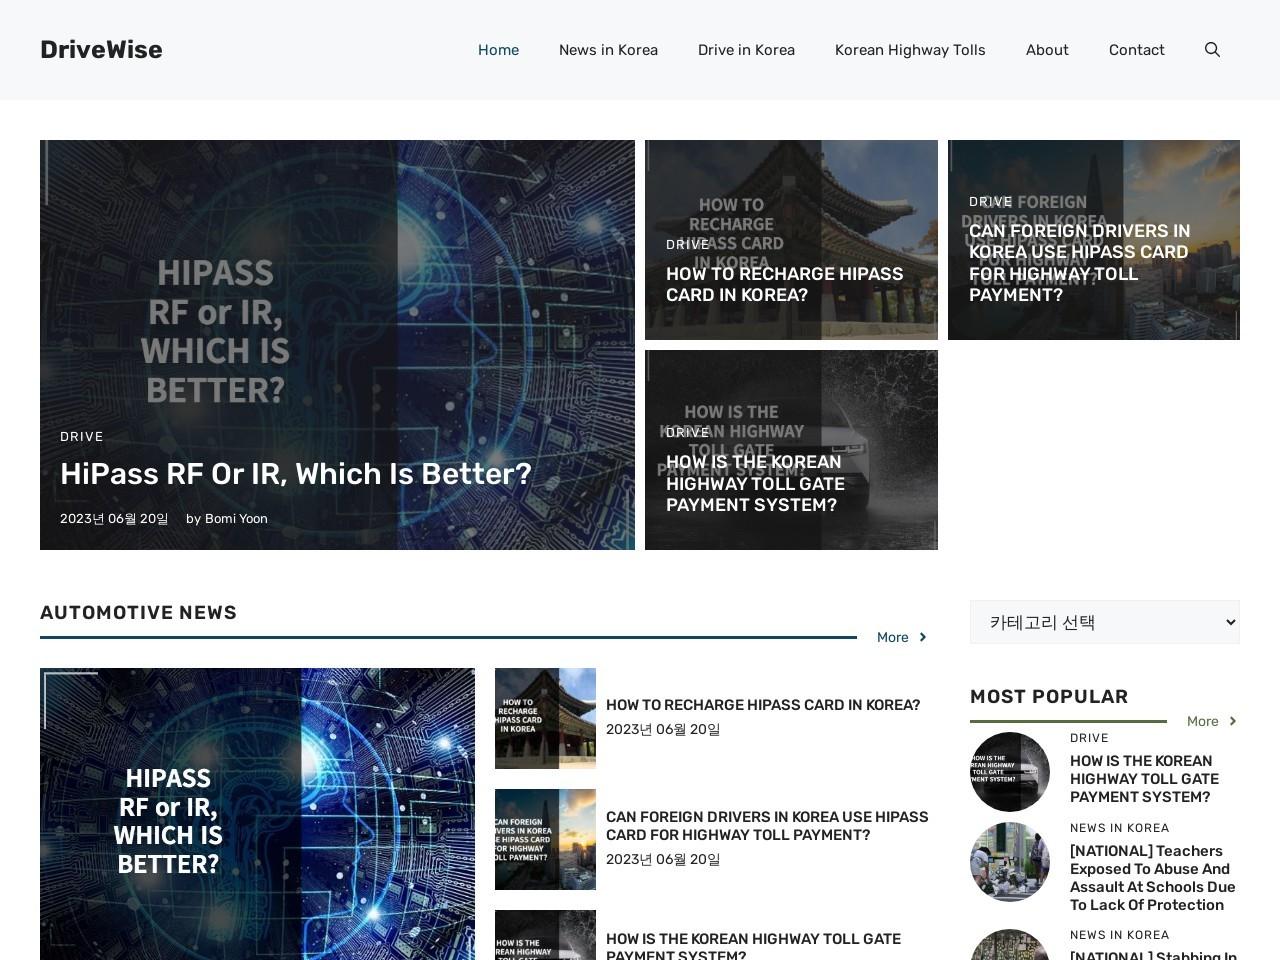 ハーブランドシーズン ? ハーブランドシーズンは新潟市佐潟のほとり、豊かな自然に囲まれた体験型ハーブ園です。